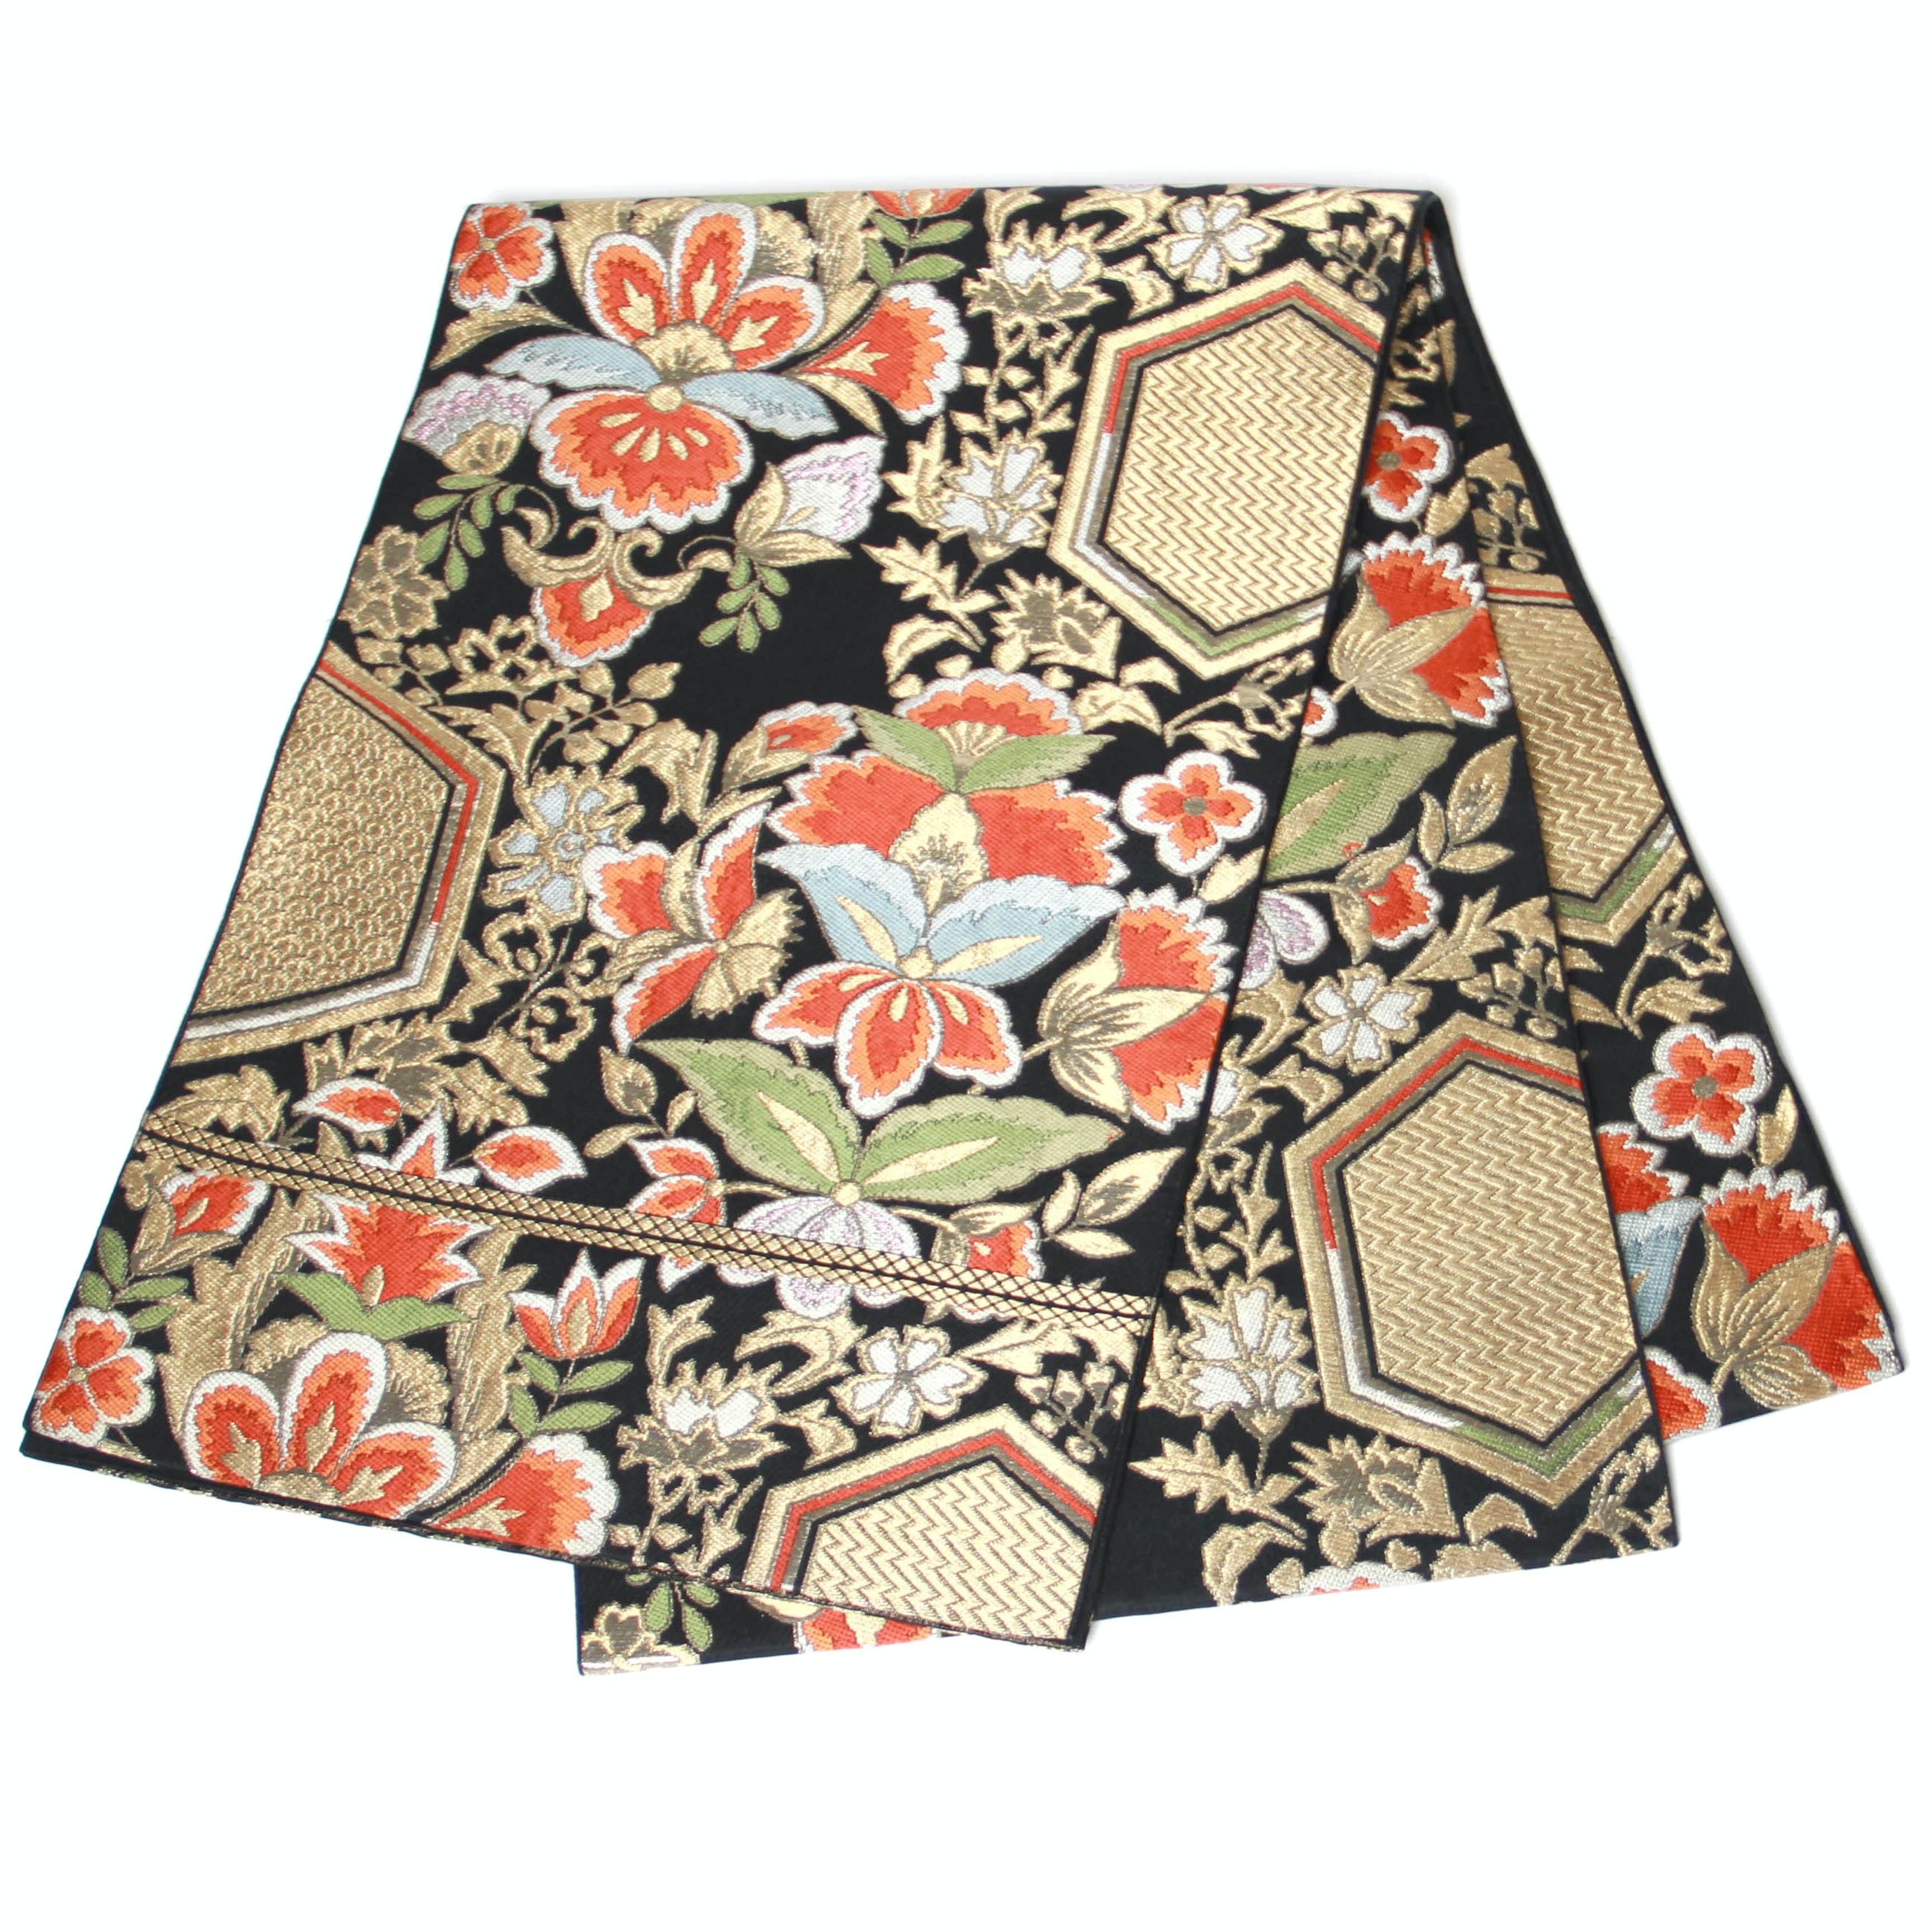 Vintage Floral Patterned Fukuro Obi